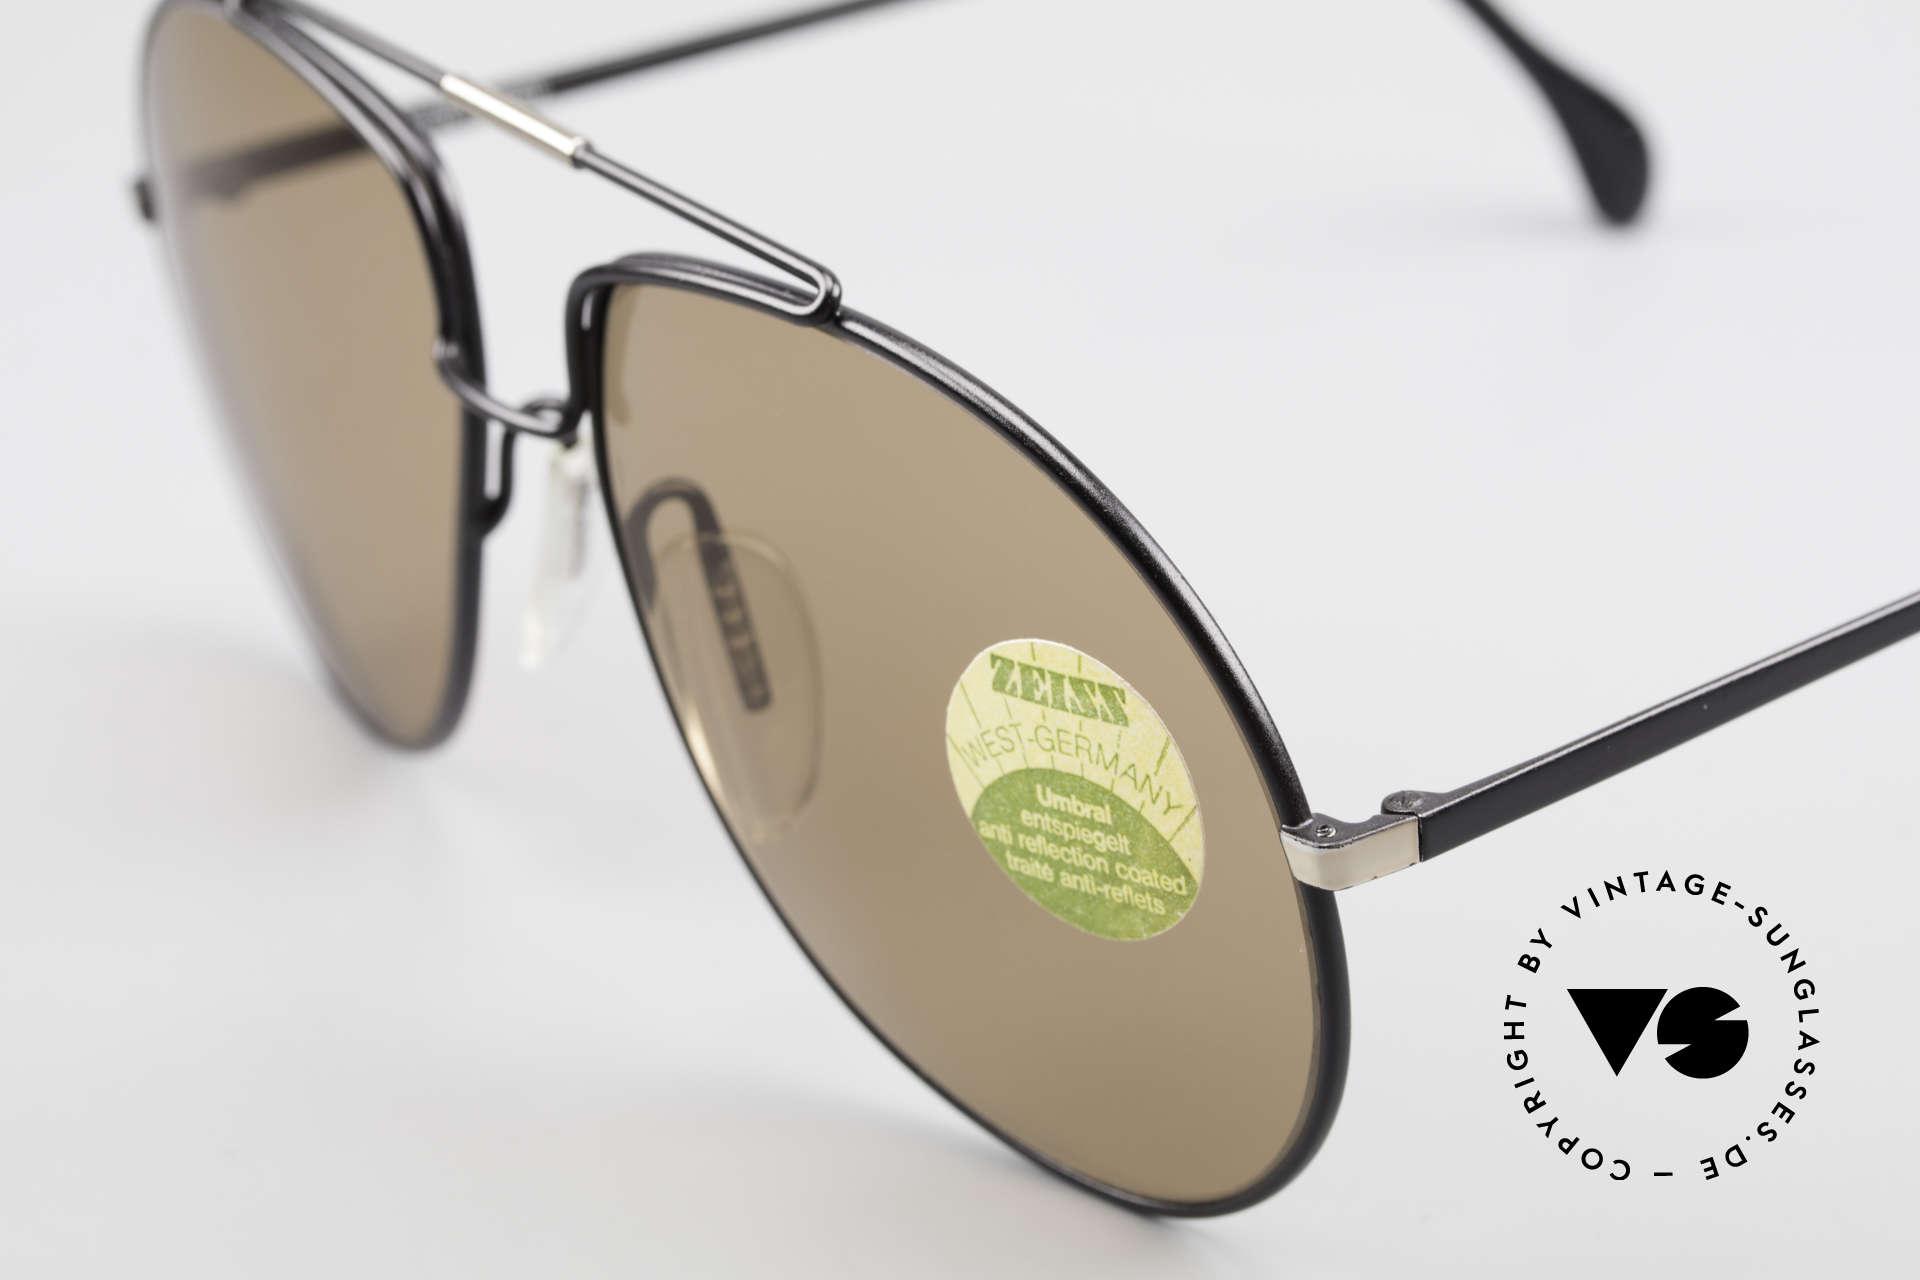 Zeiss 9369 Echt 80er Umbral Mineralglas, die Gläser sind entspiegelt für ein blendfreies Sehen, Passend für Herren